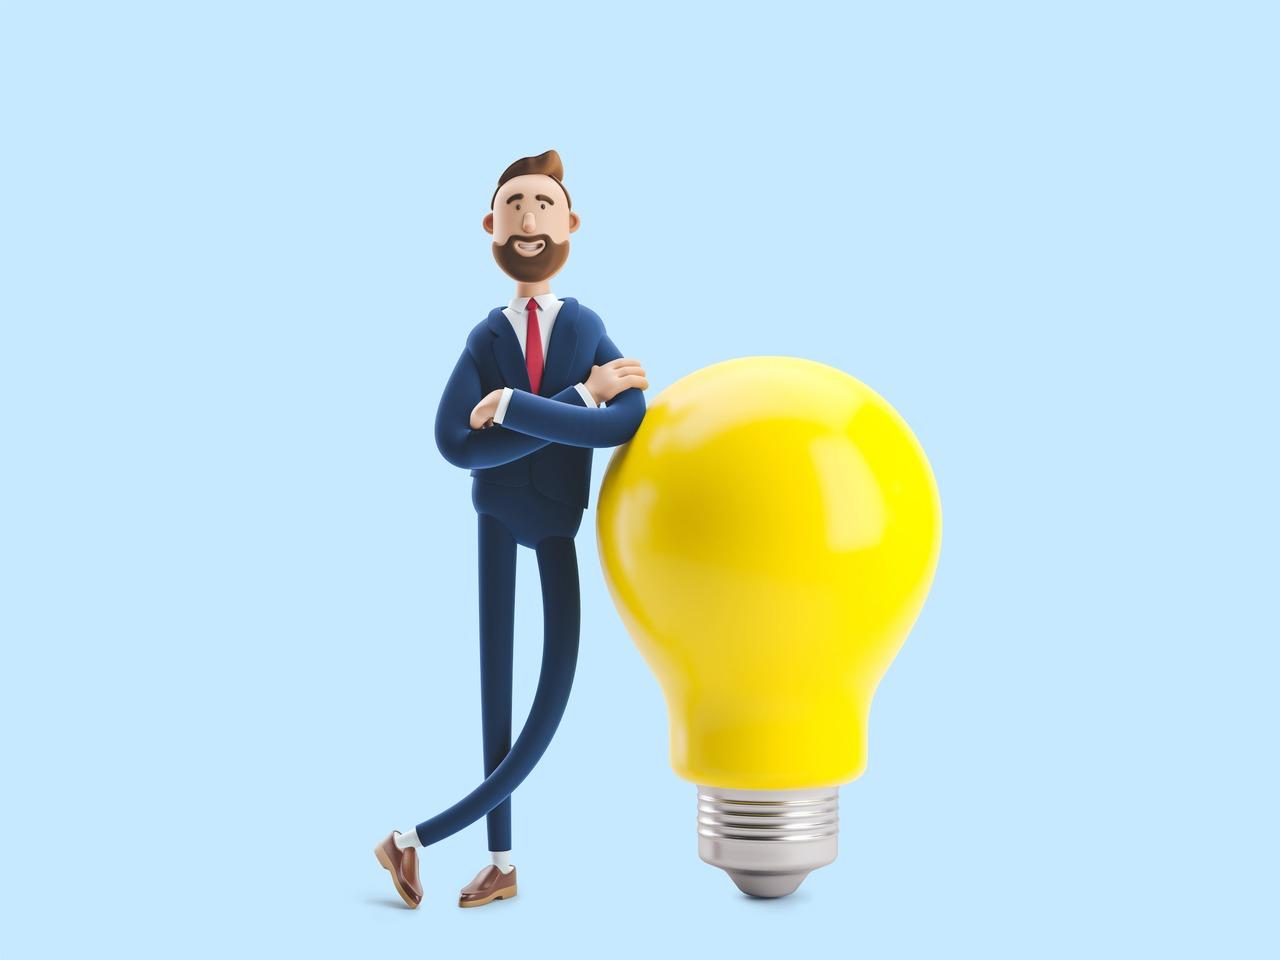 Ilustração de um homem de negócios encostado em uma lâmpada gigante